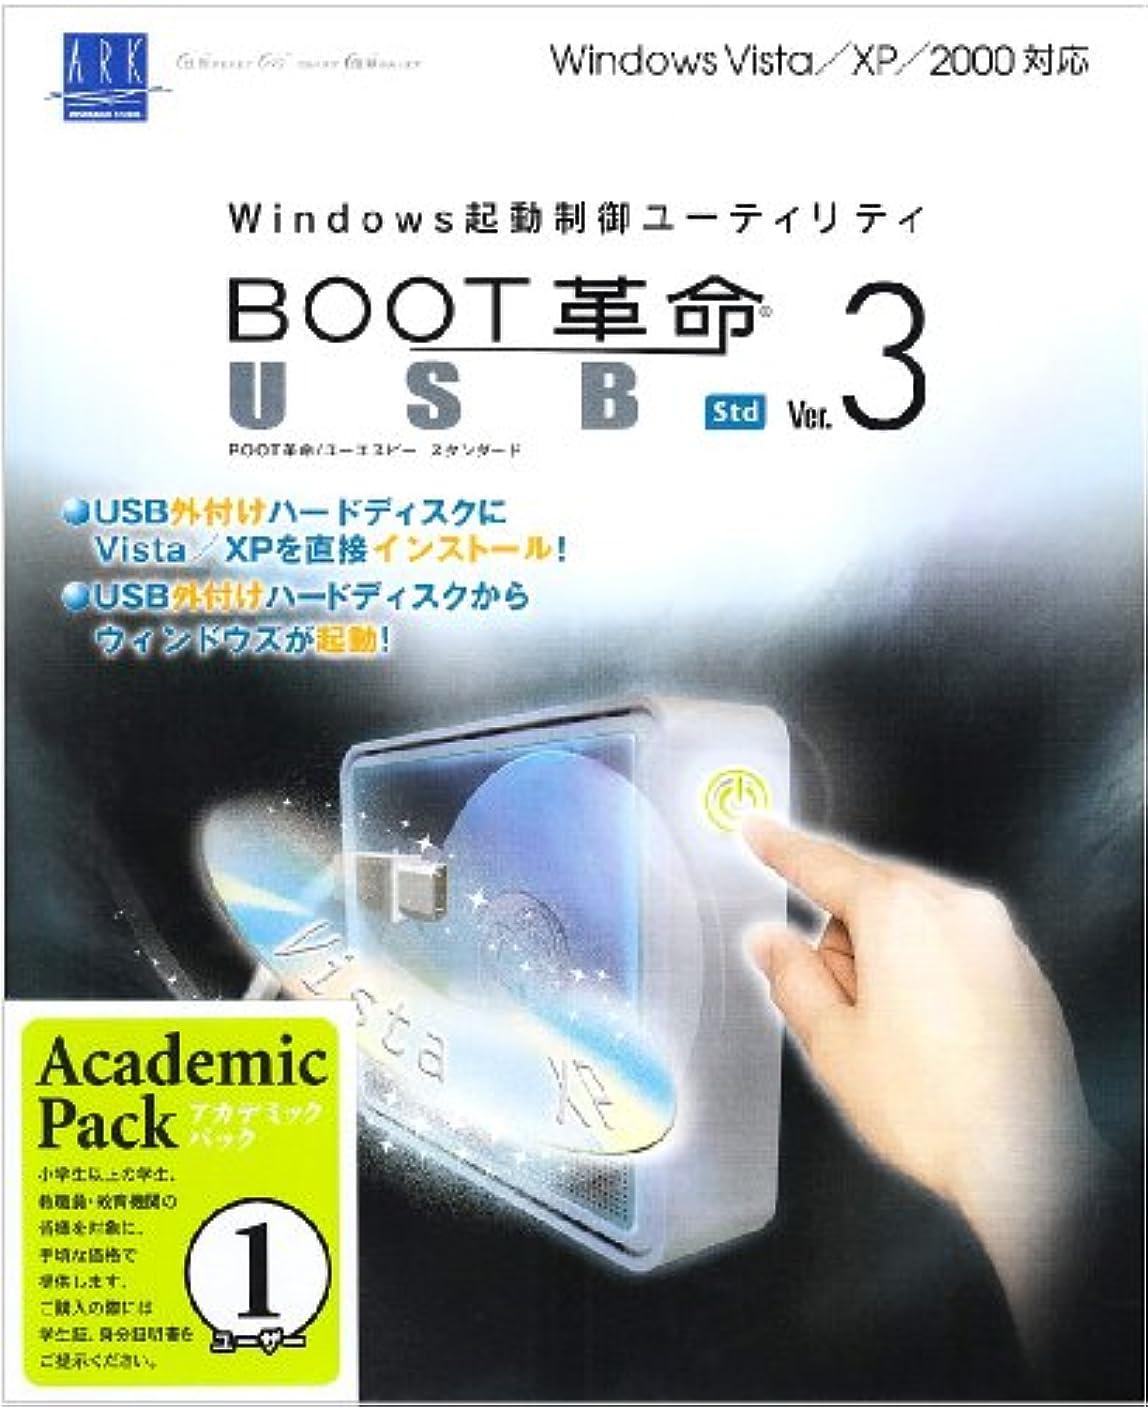 鮮やかな比較的女の子BOOT革命/USB Ver.3 Std アカデミックパック1ユーザー